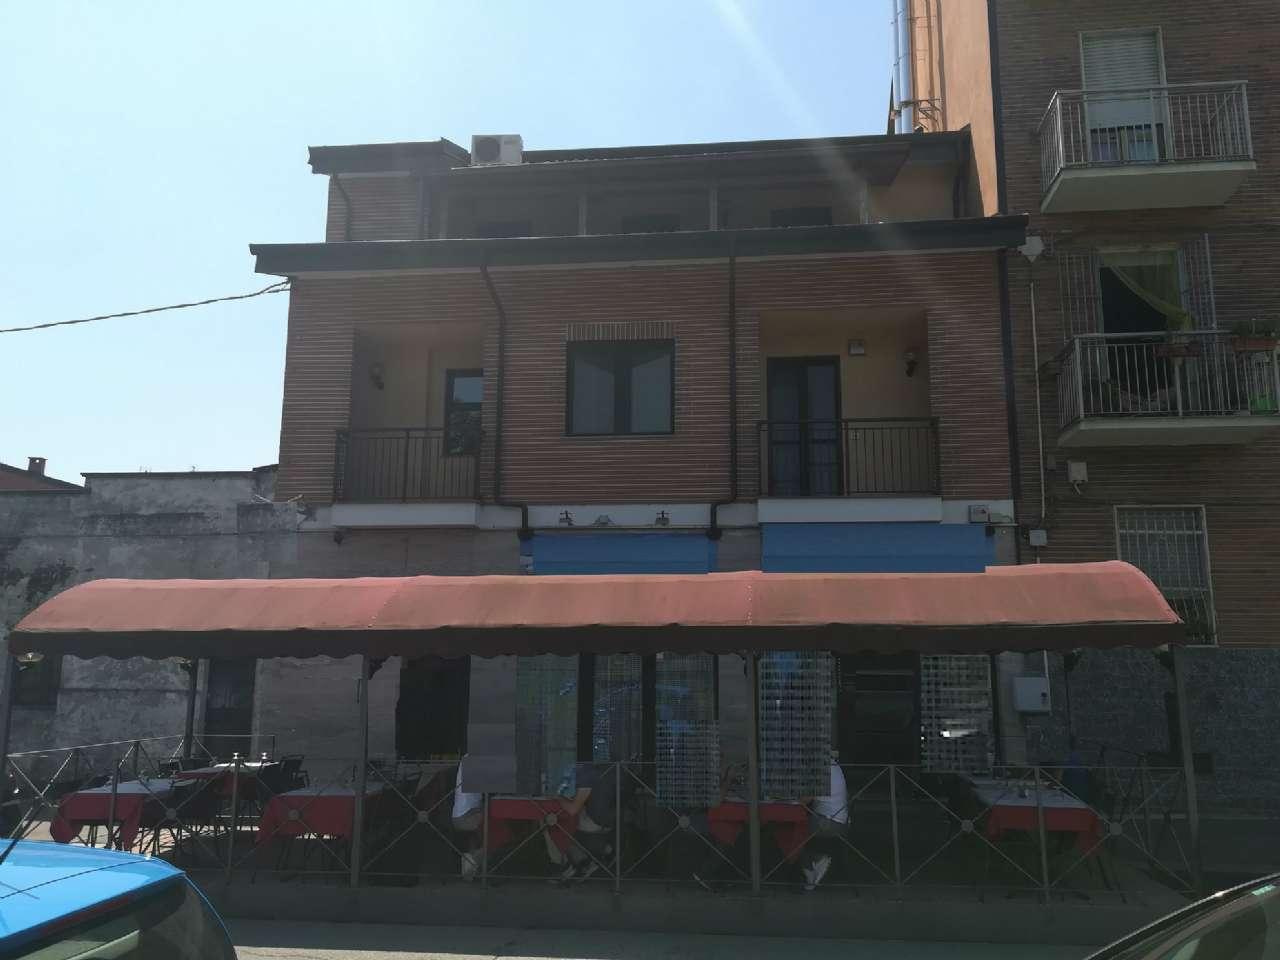 Cessione attività in vendita Zona Madonna di Campagna, Borgo Vittoria... - via paolo veronese Torino